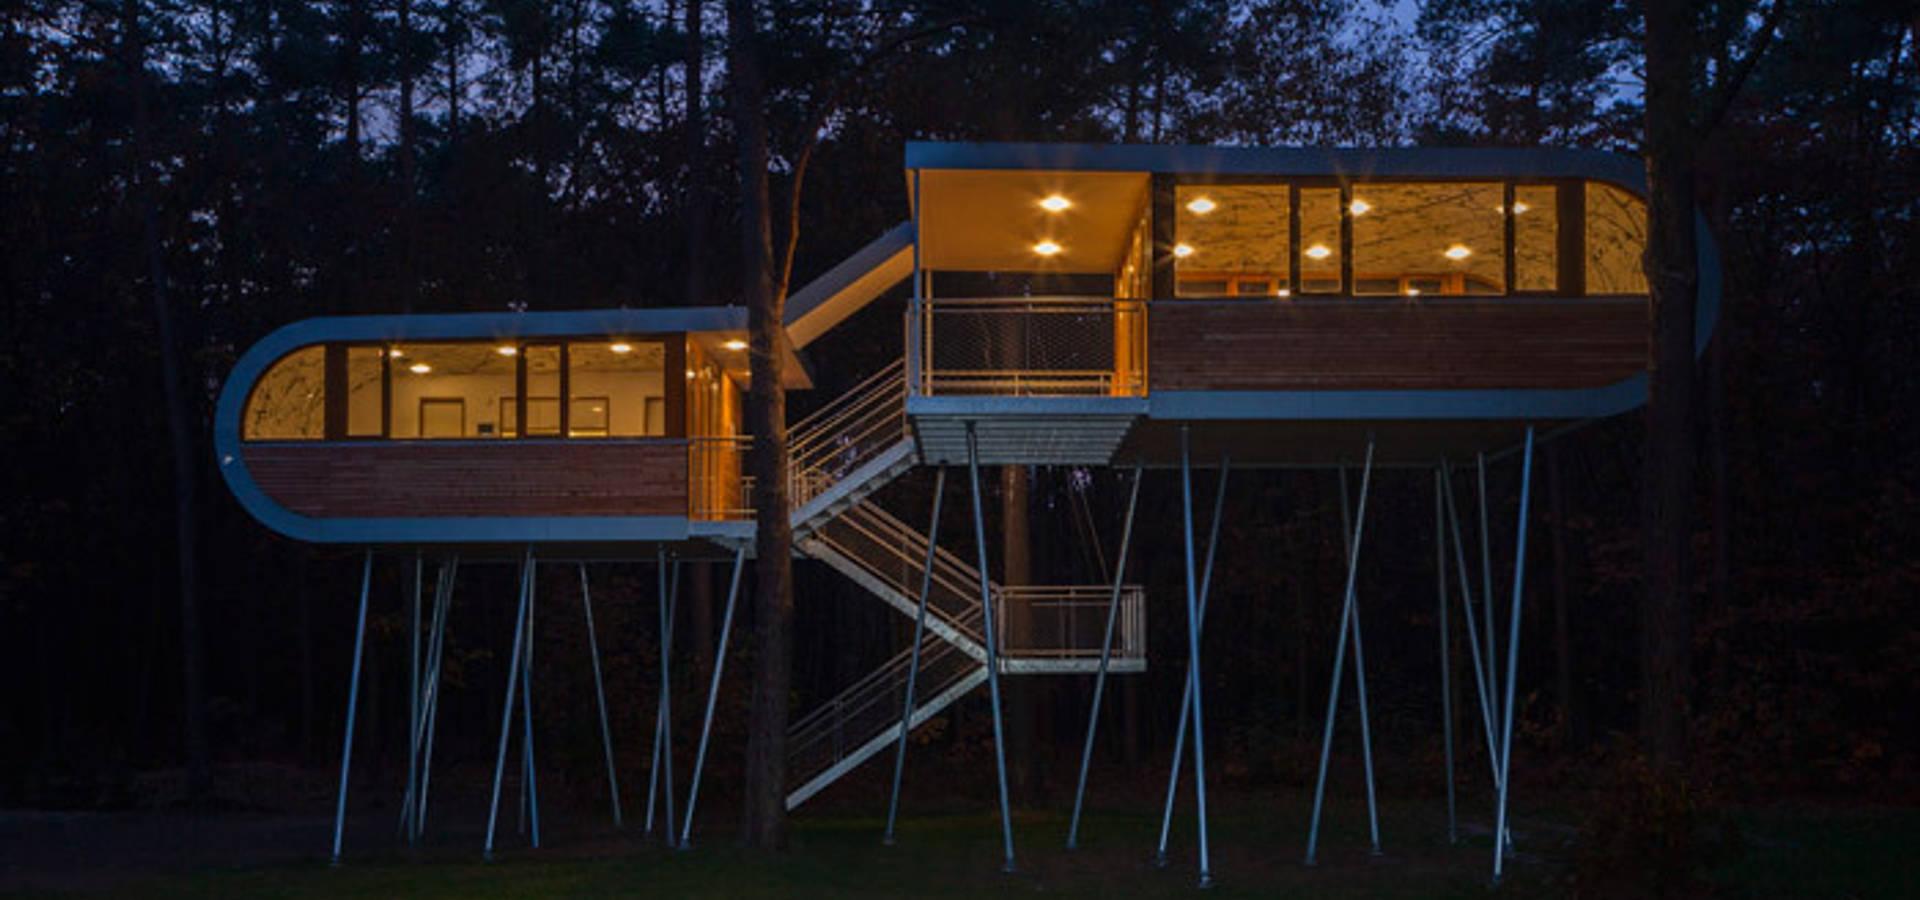 Andreas Wenning dipl.-ing. Architekt